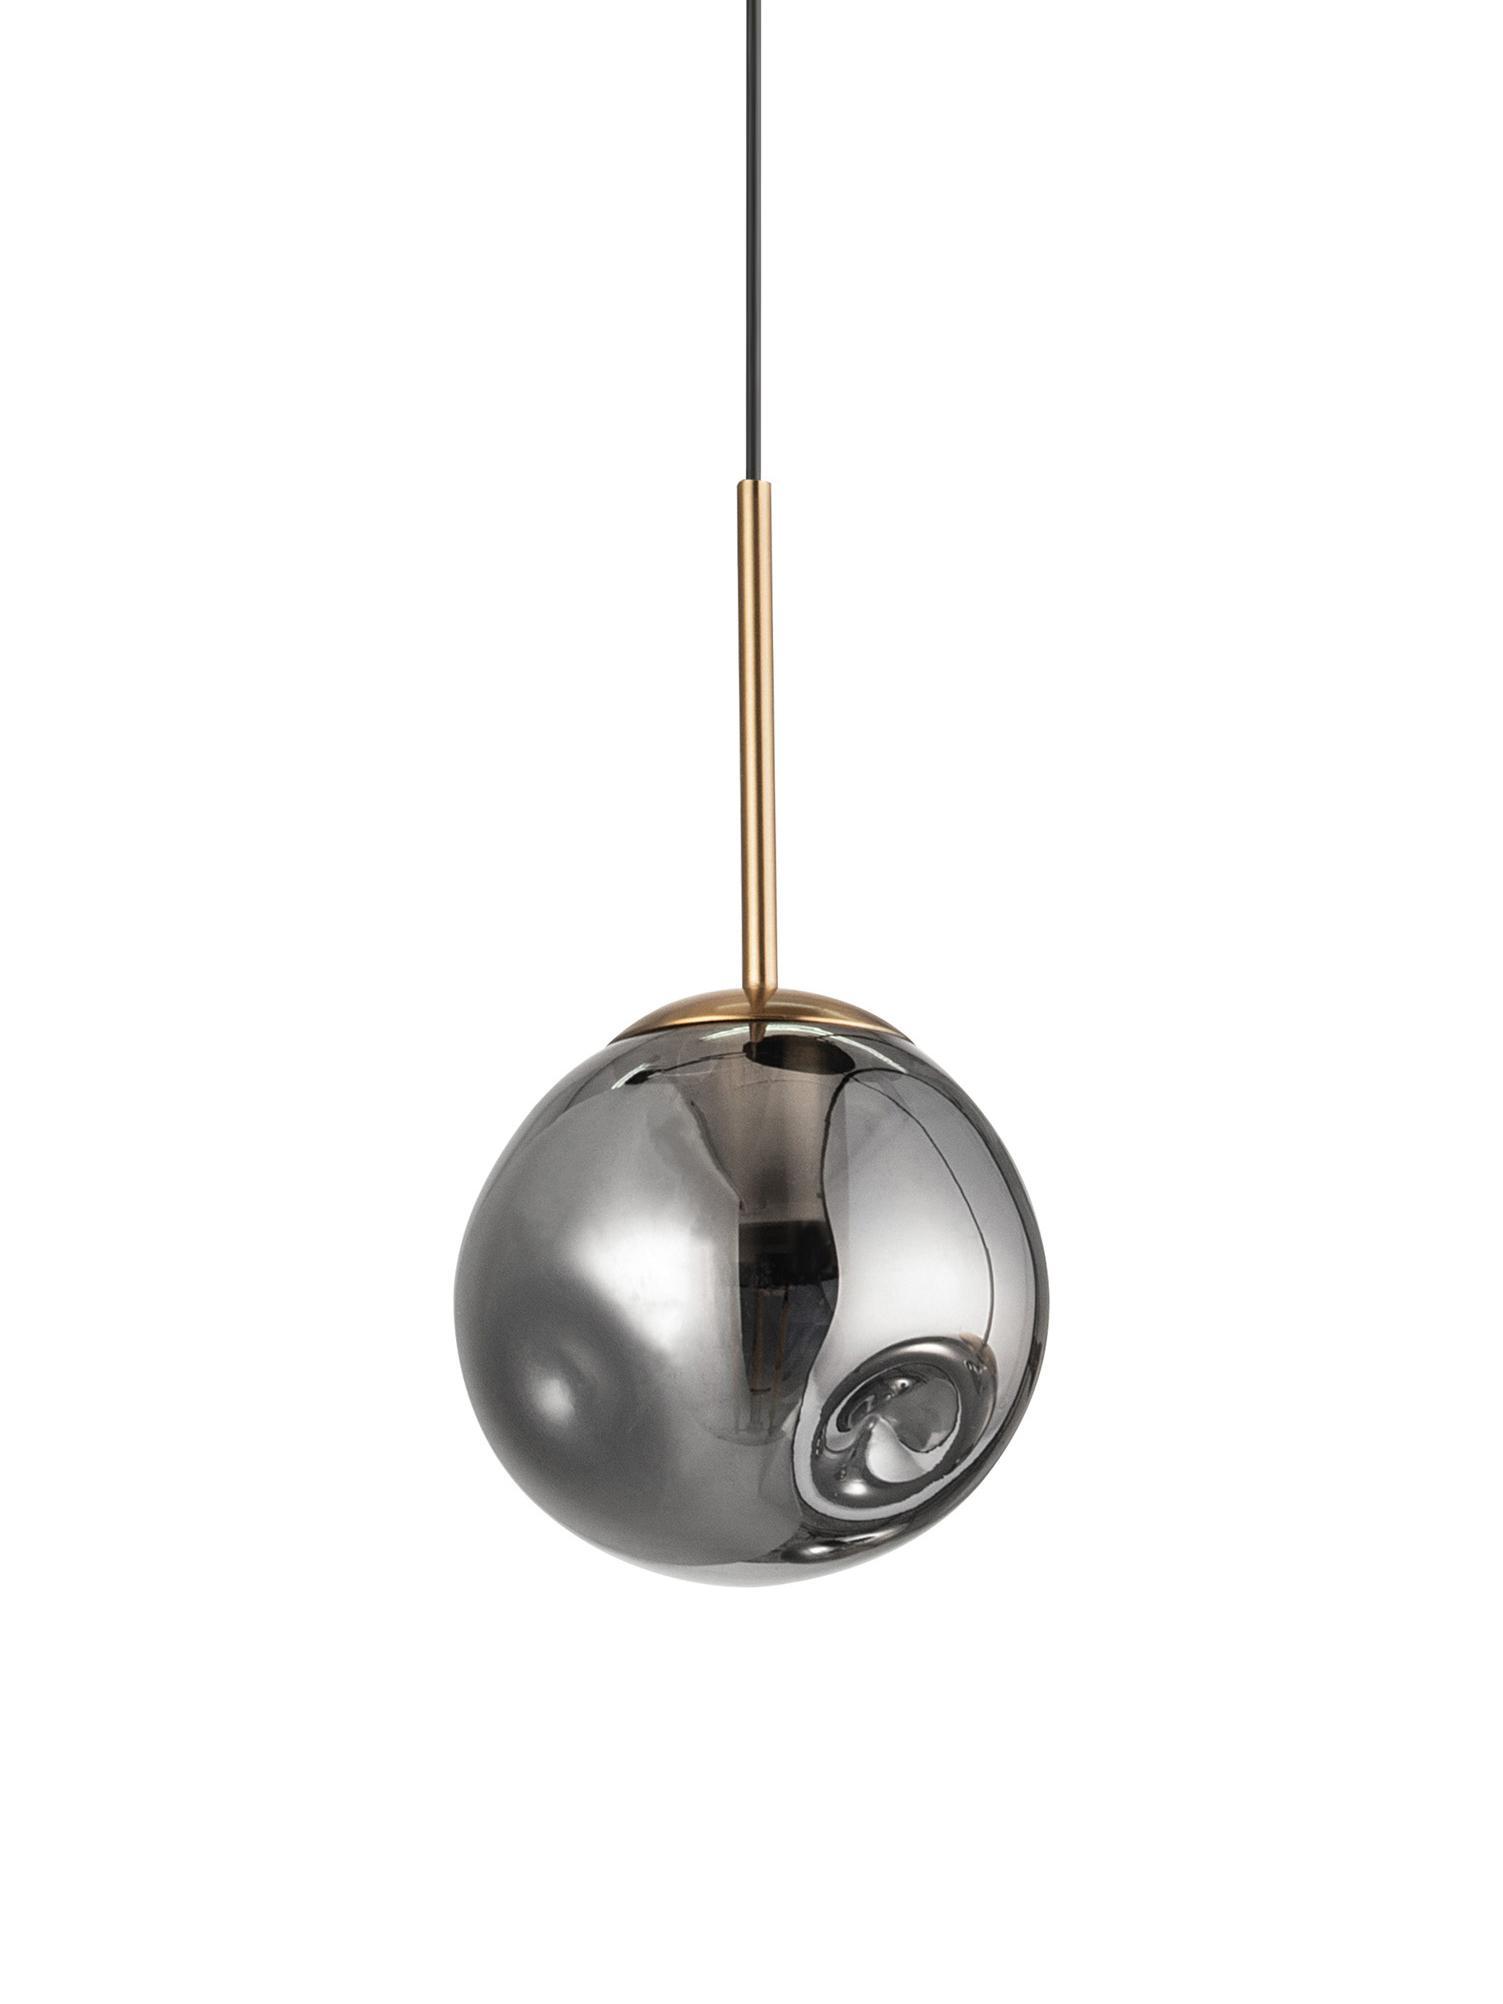 Lampada a sospensione in vetro Spada, Paralume: vetro, Baldacchino: materiale sintetico, Ottonato, grigio, Ø 15 x Alt. 180 cm